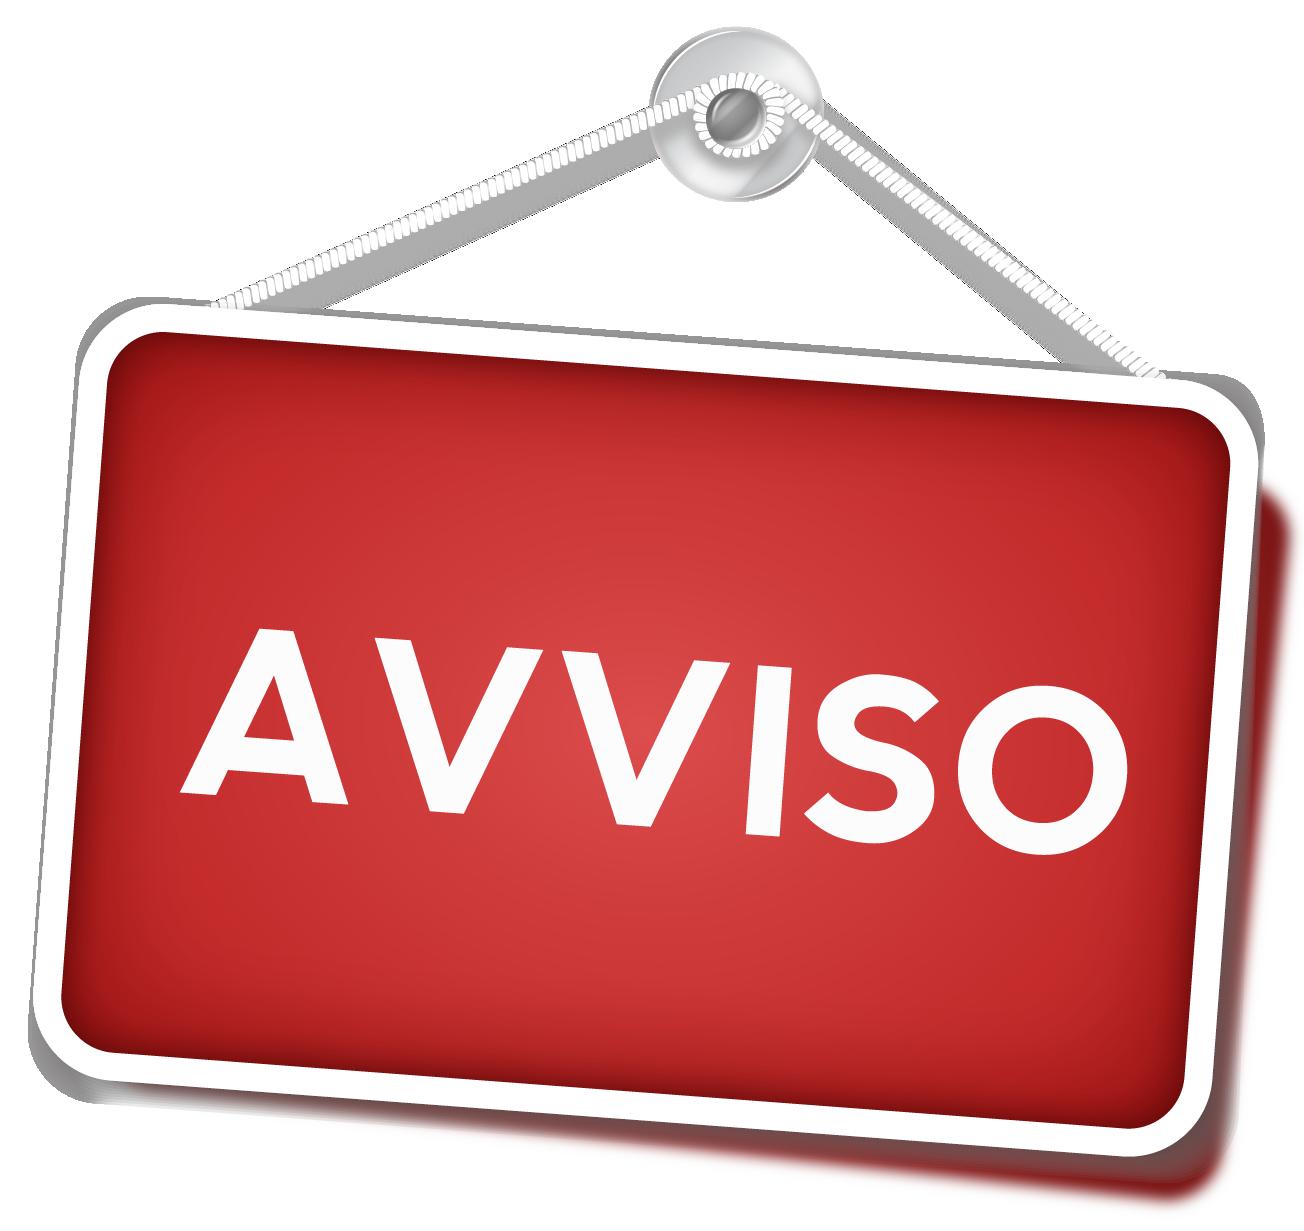 PON/Fesr 2014-2020: AVVISO INTERNO DI SELEZIONE TUTOR